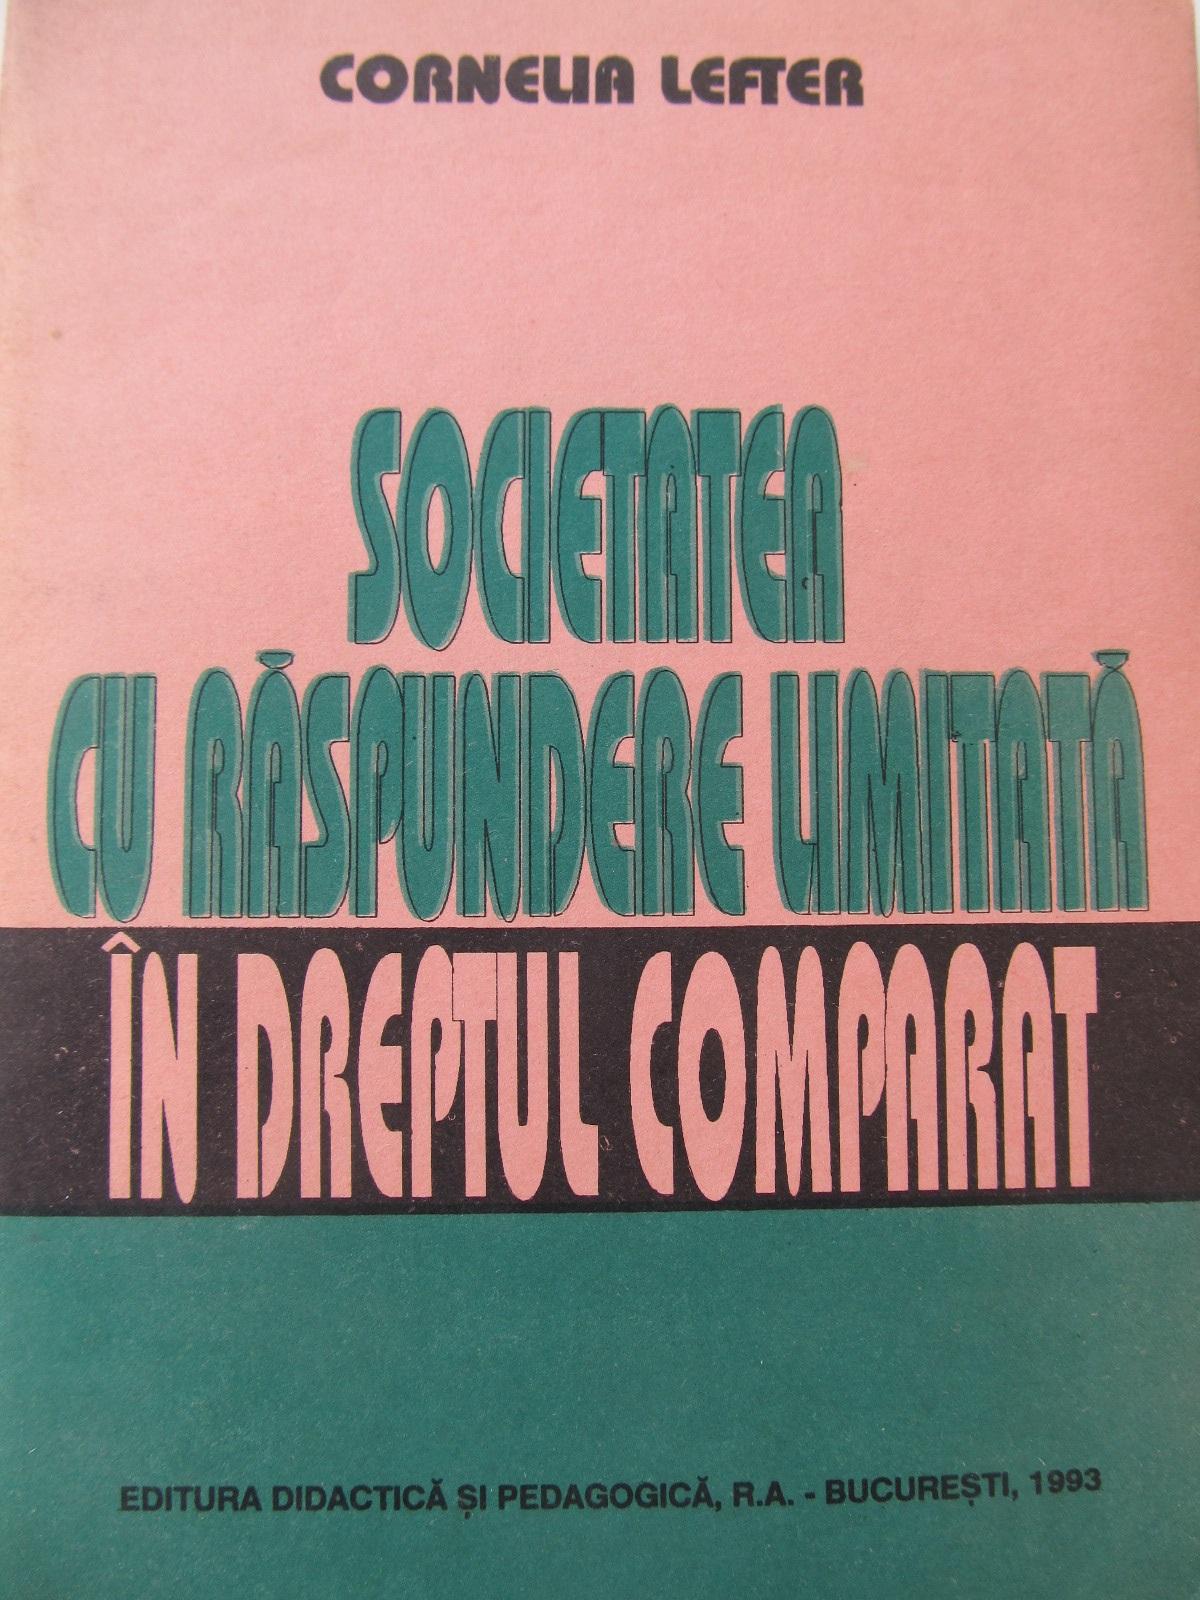 Societatea cu raspundere limitata in dreptul comparat - Cornelia Lefter | Detalii carte